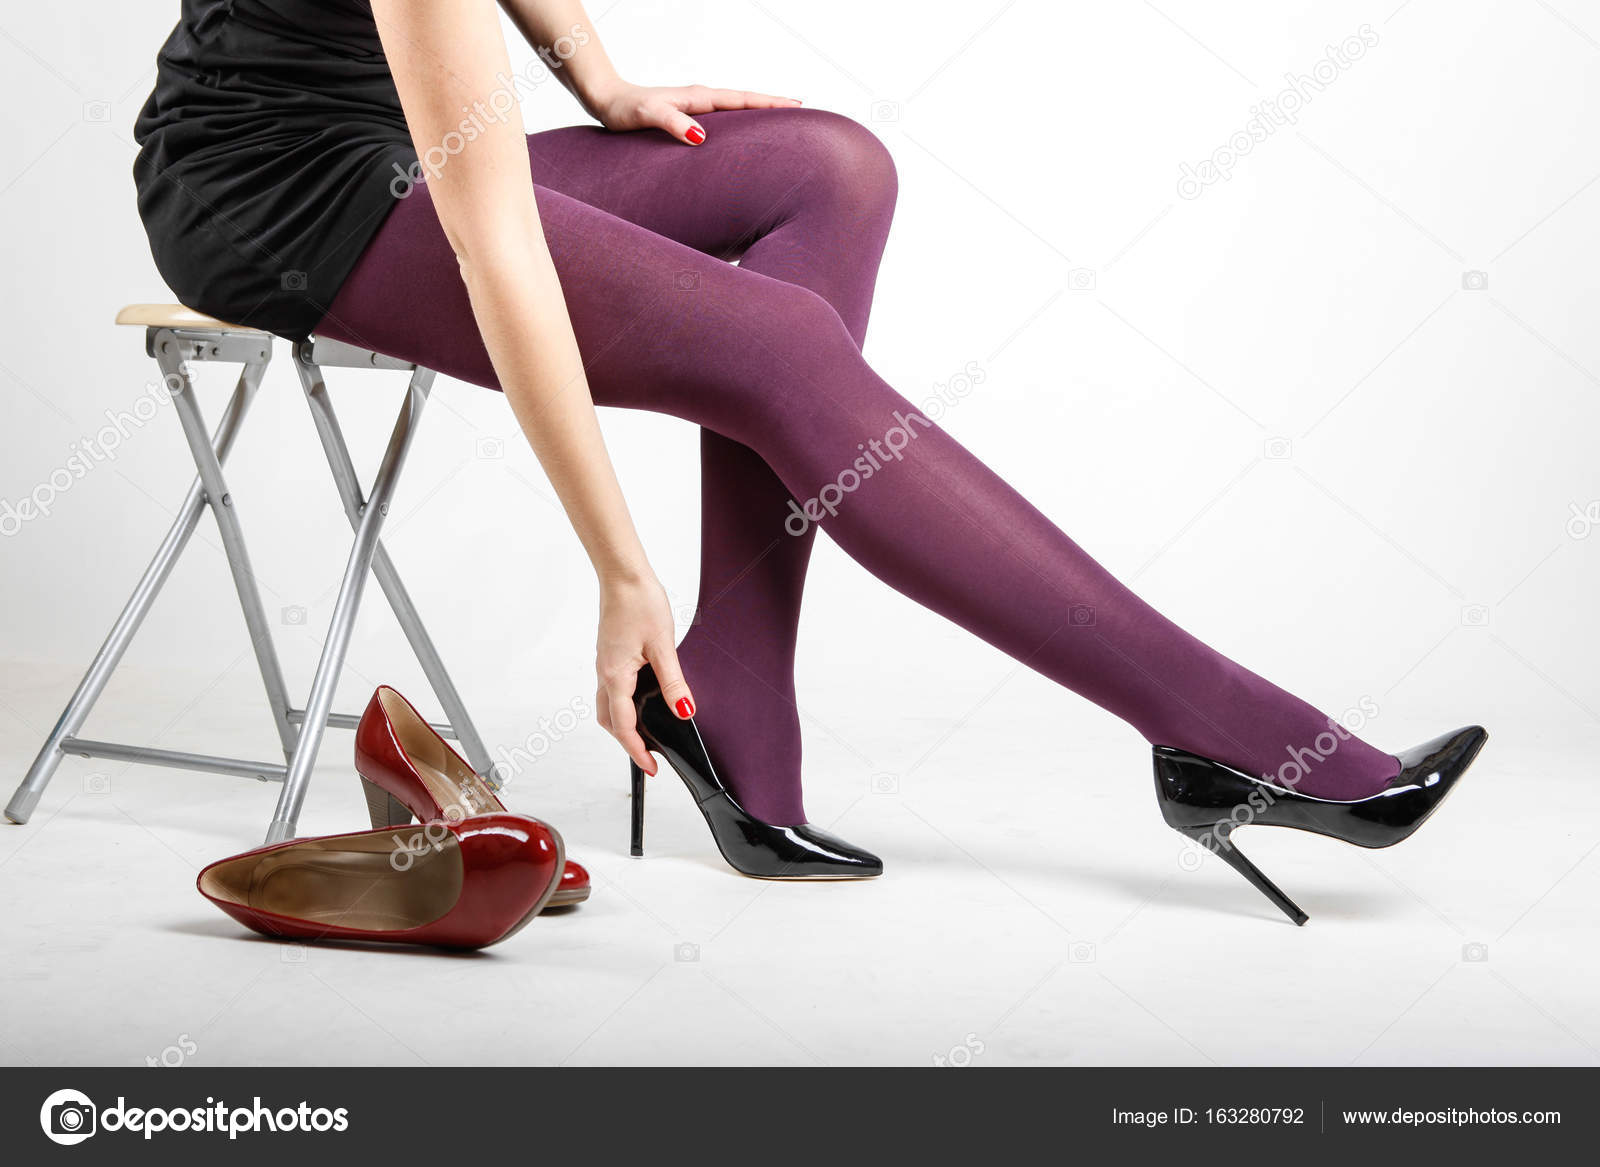 Çorap giyerken nelere dikkat edilmeli